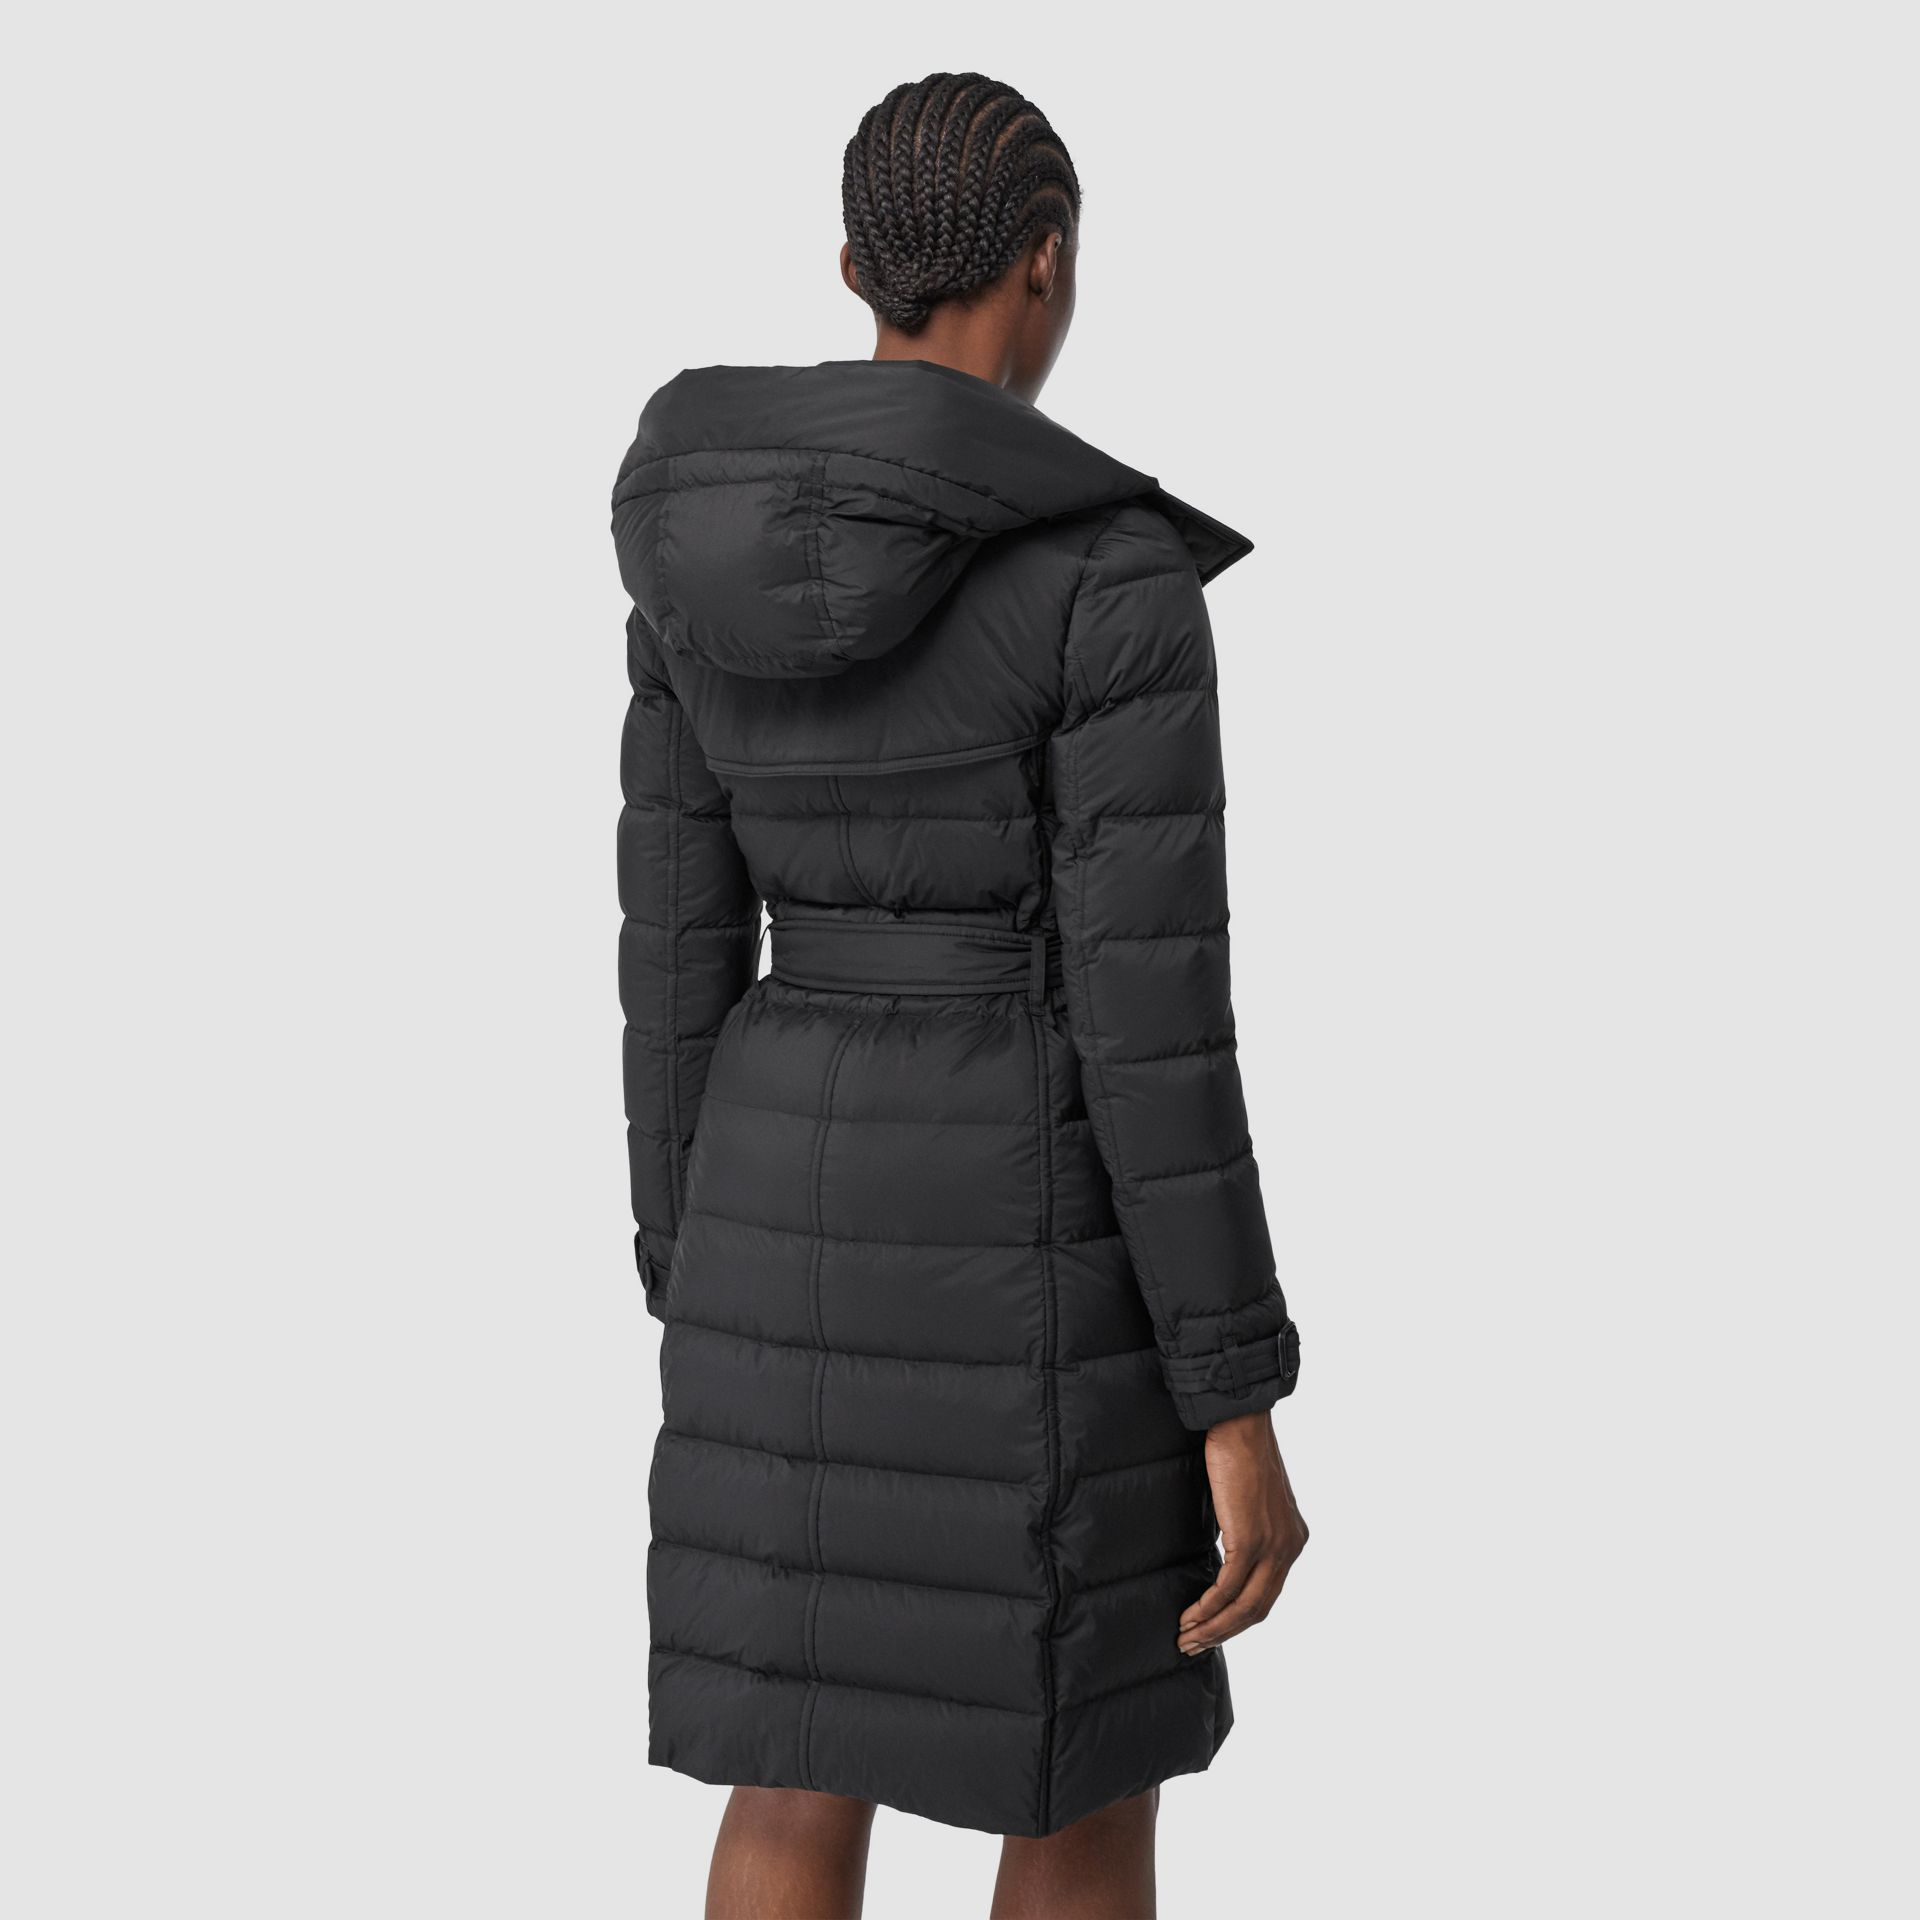 可拆式連帽羽絨大衣 (黑色) - 女款   Burberry - 圖庫照片 2